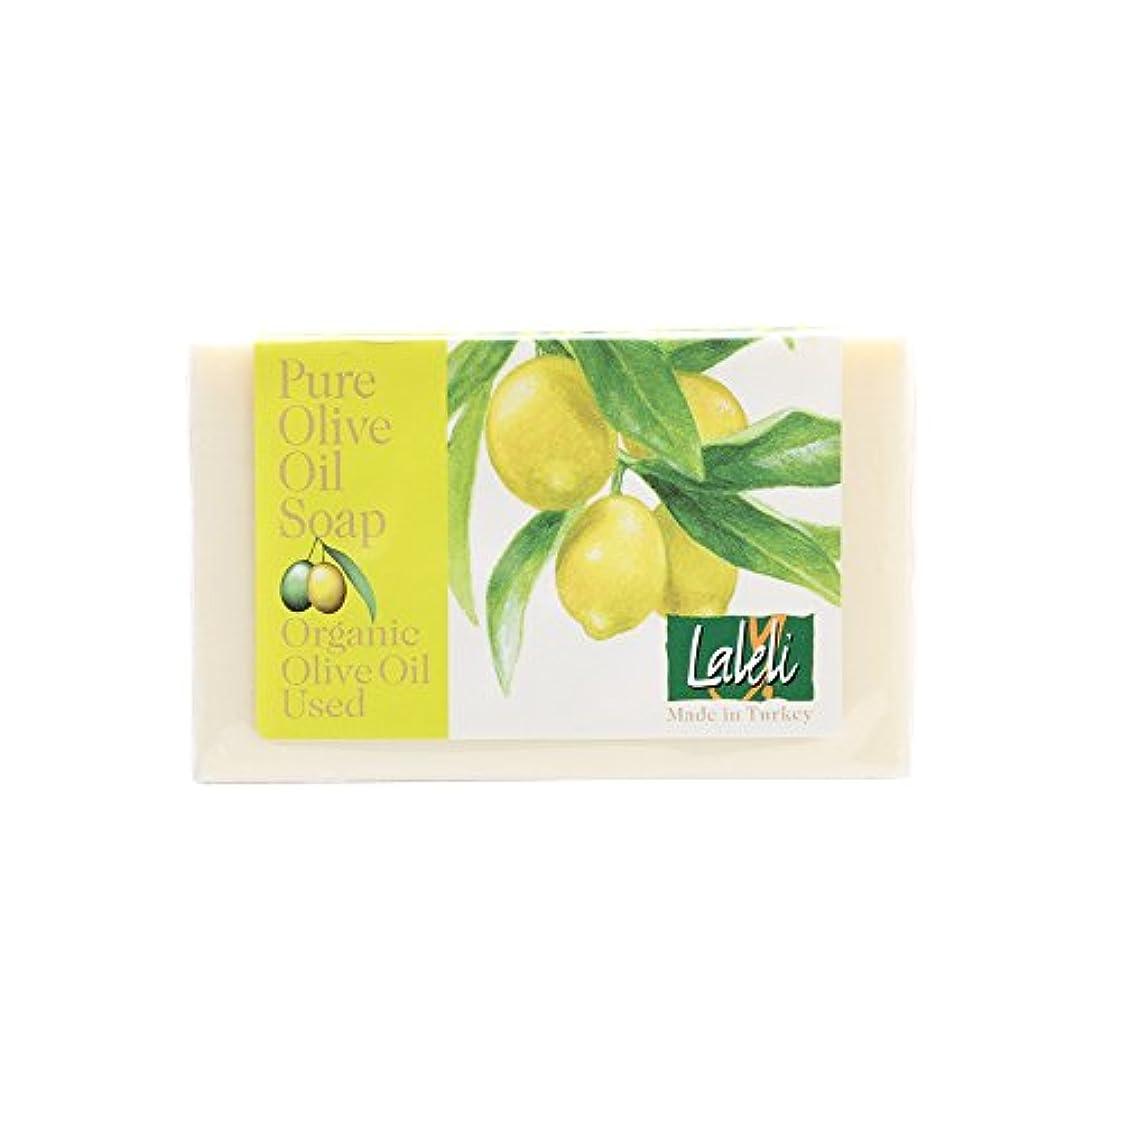 小康工業用アラートラーレリ オーガニックオリーブオイルソープ レモン 120g